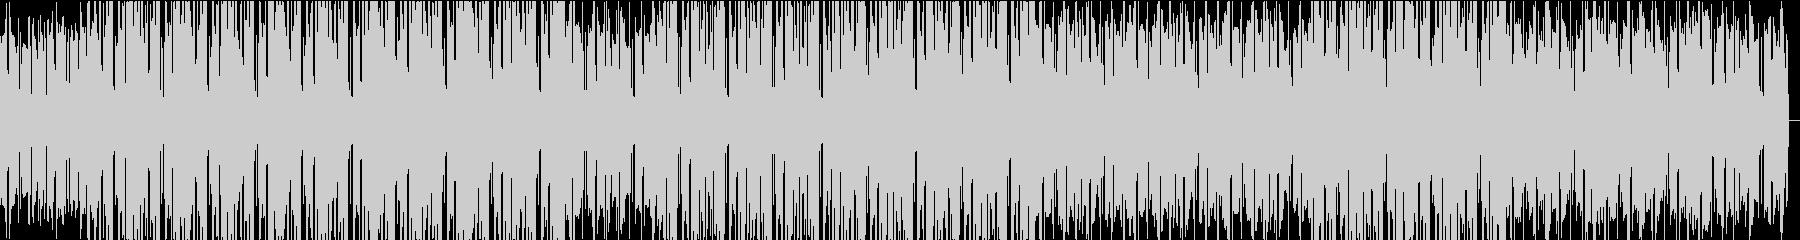 チルアウト・ヒップホップ・ソウルギターの未再生の波形